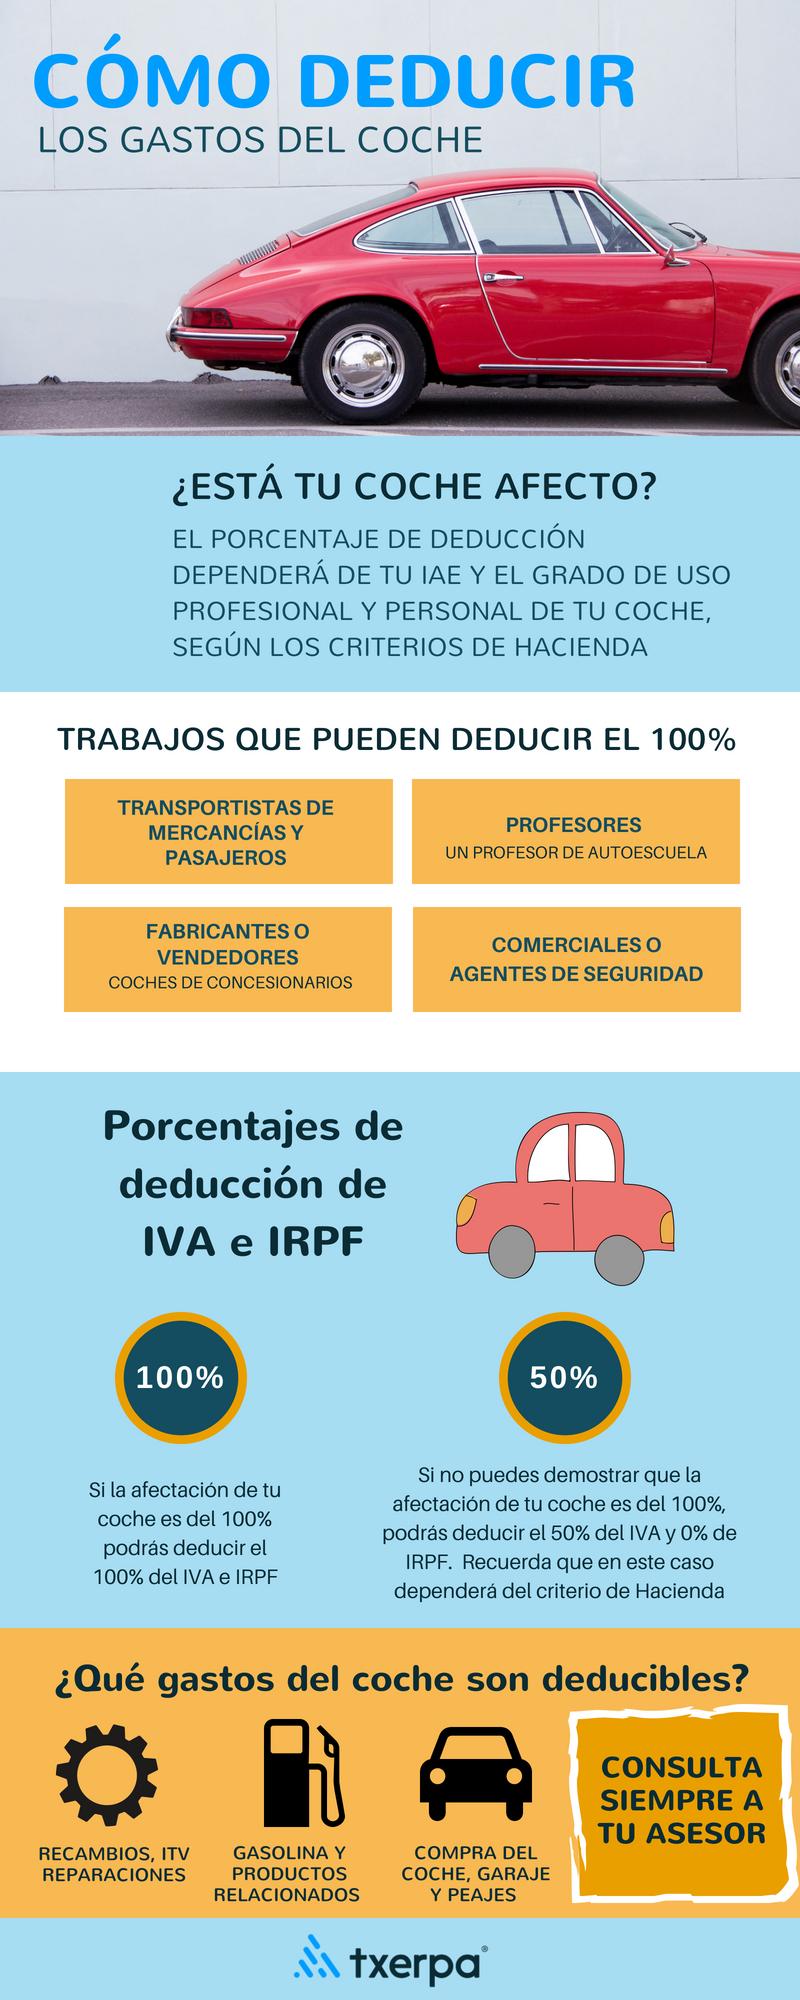 deduccion-iva-irpf-gastos-coche-autonomos-txerpa.png